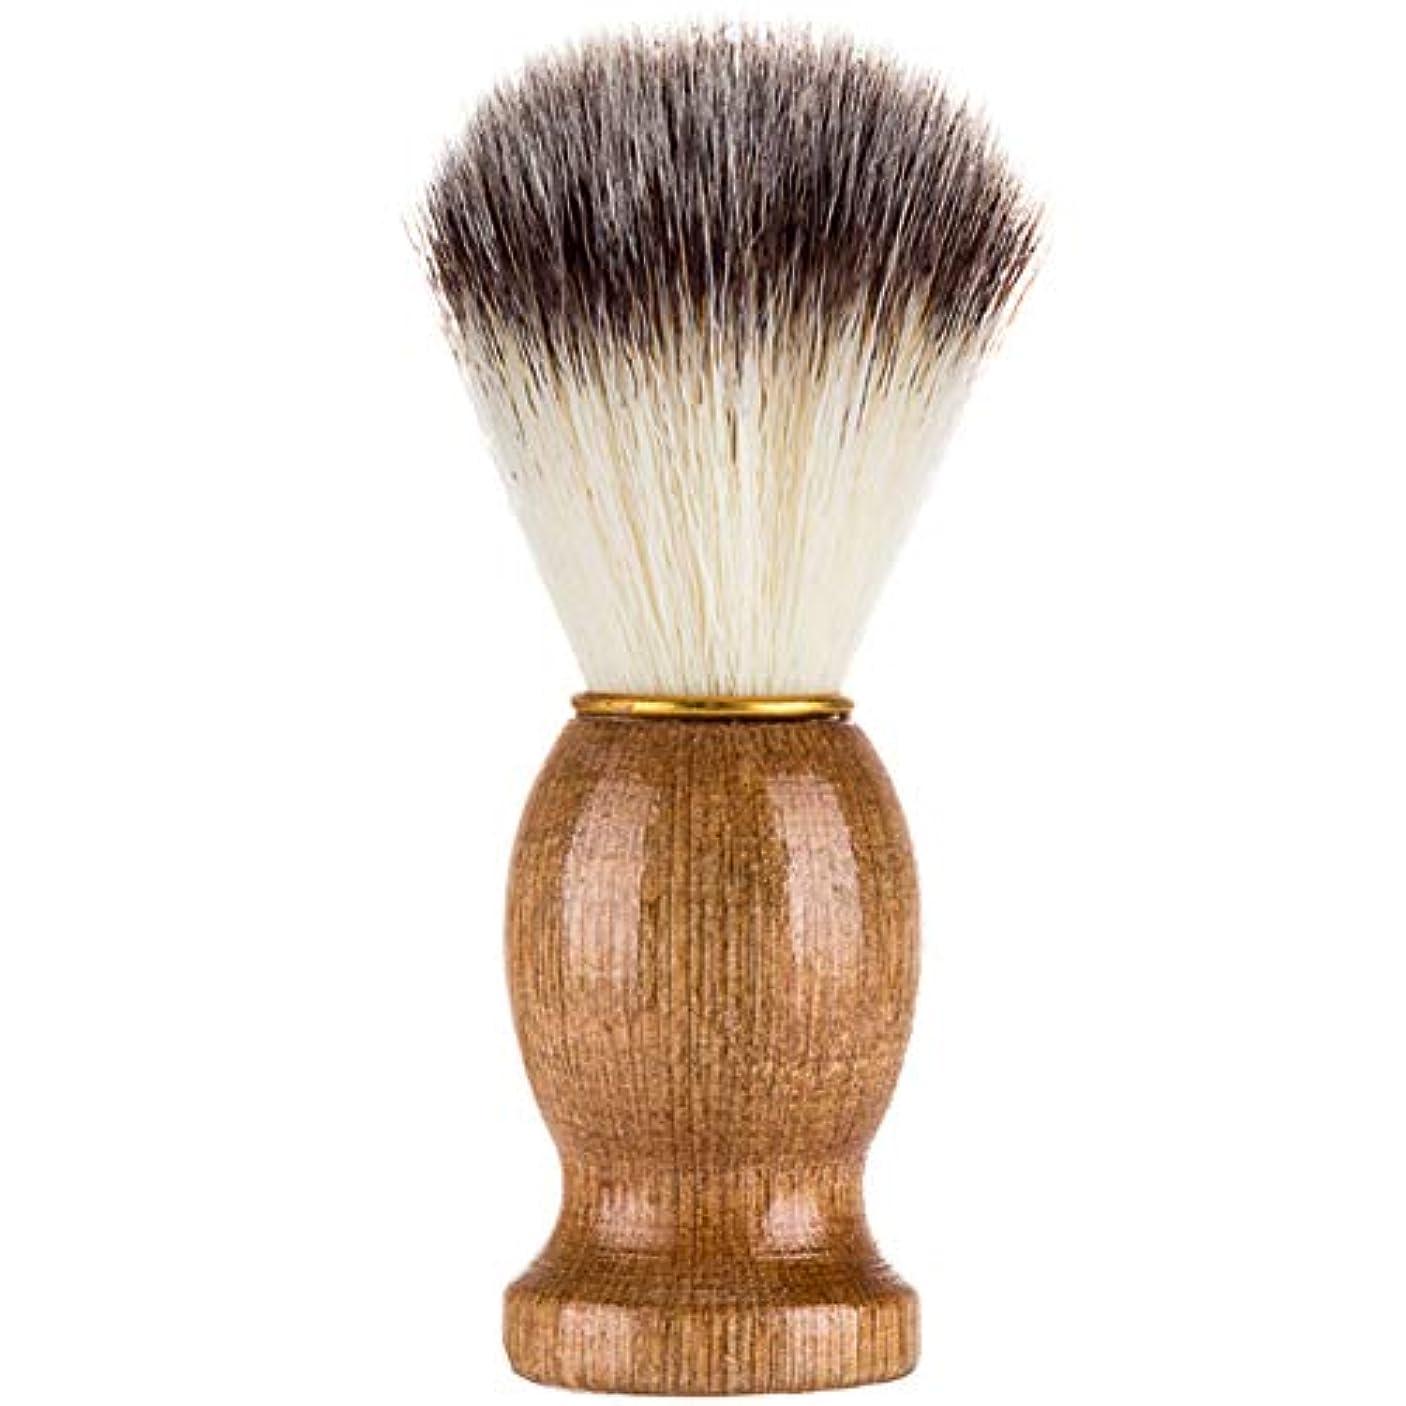 ガロンバッフル倍率Profeel シェービングブラシ、シェービングブラシ、男性シェービングブラシシェービングかみそりブラシサロン理髪店用ツールひげ剃り用品